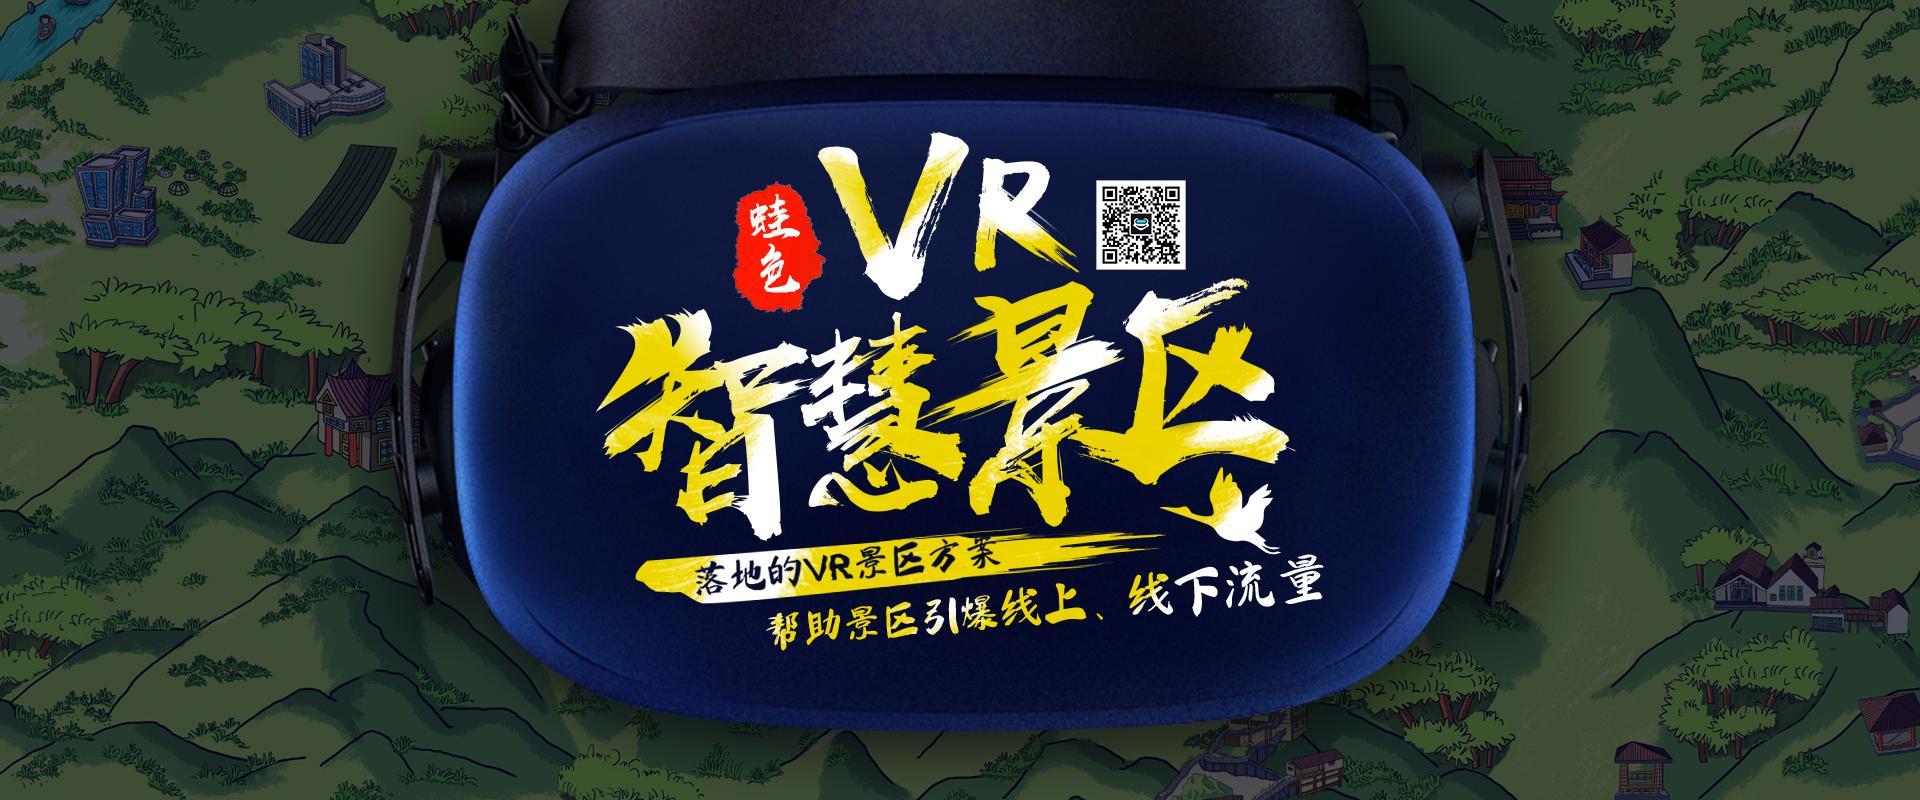 落地的VR景区方案